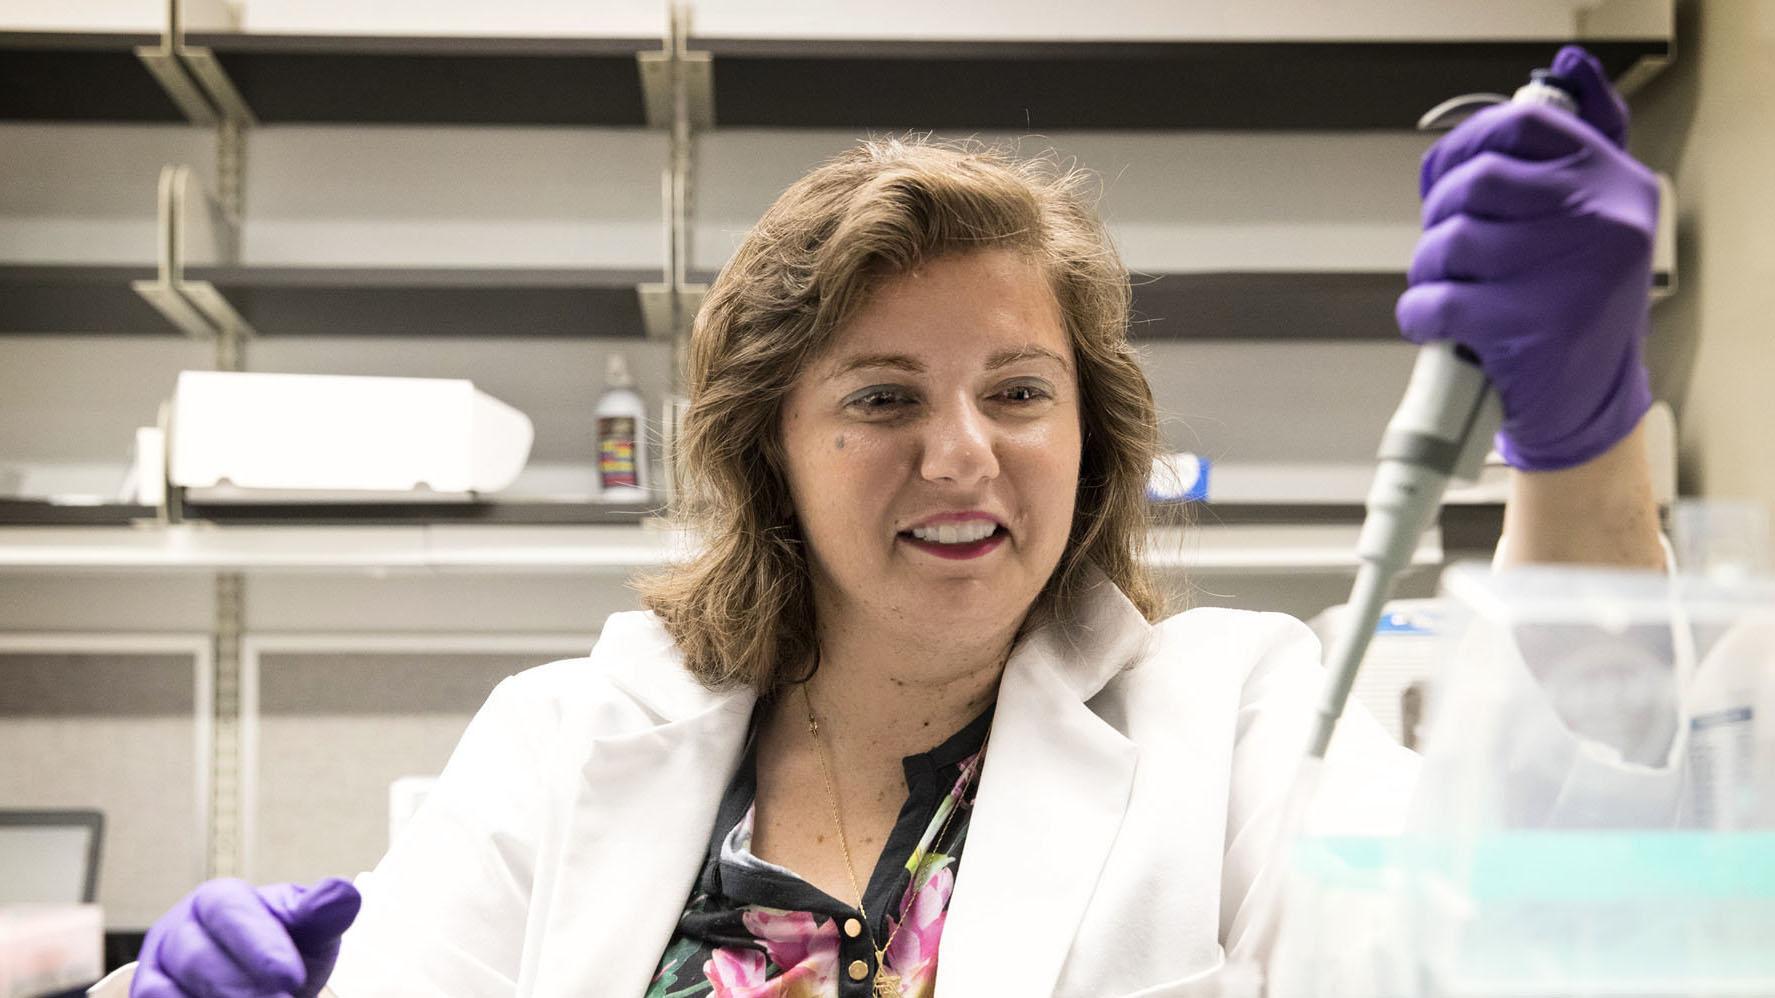 Ирина Бочкис (Irina Bochkis), руководитель нового исследования, посвящённого причинам развития жировой болезни печени.